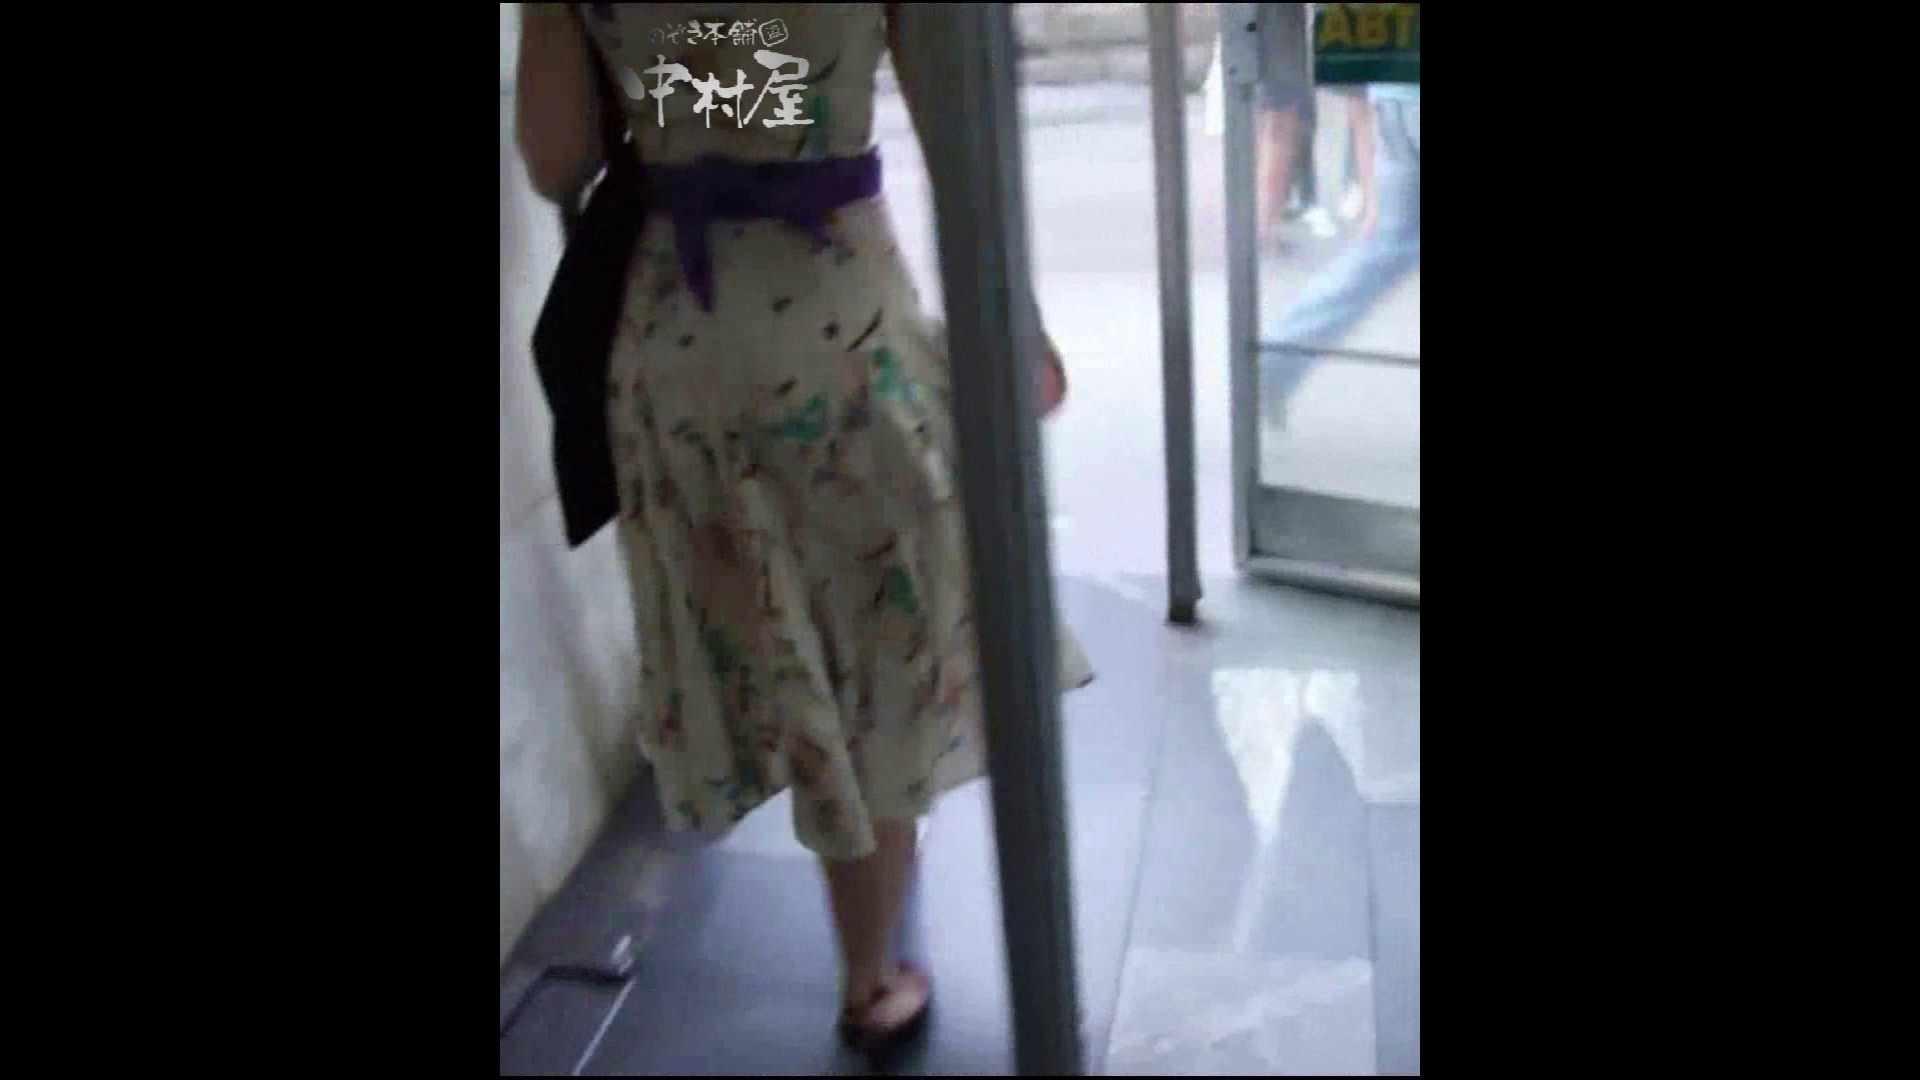 綺麗なモデルさんのスカート捲っちゃおう‼ vol23 お姉さんヌード  66画像 66